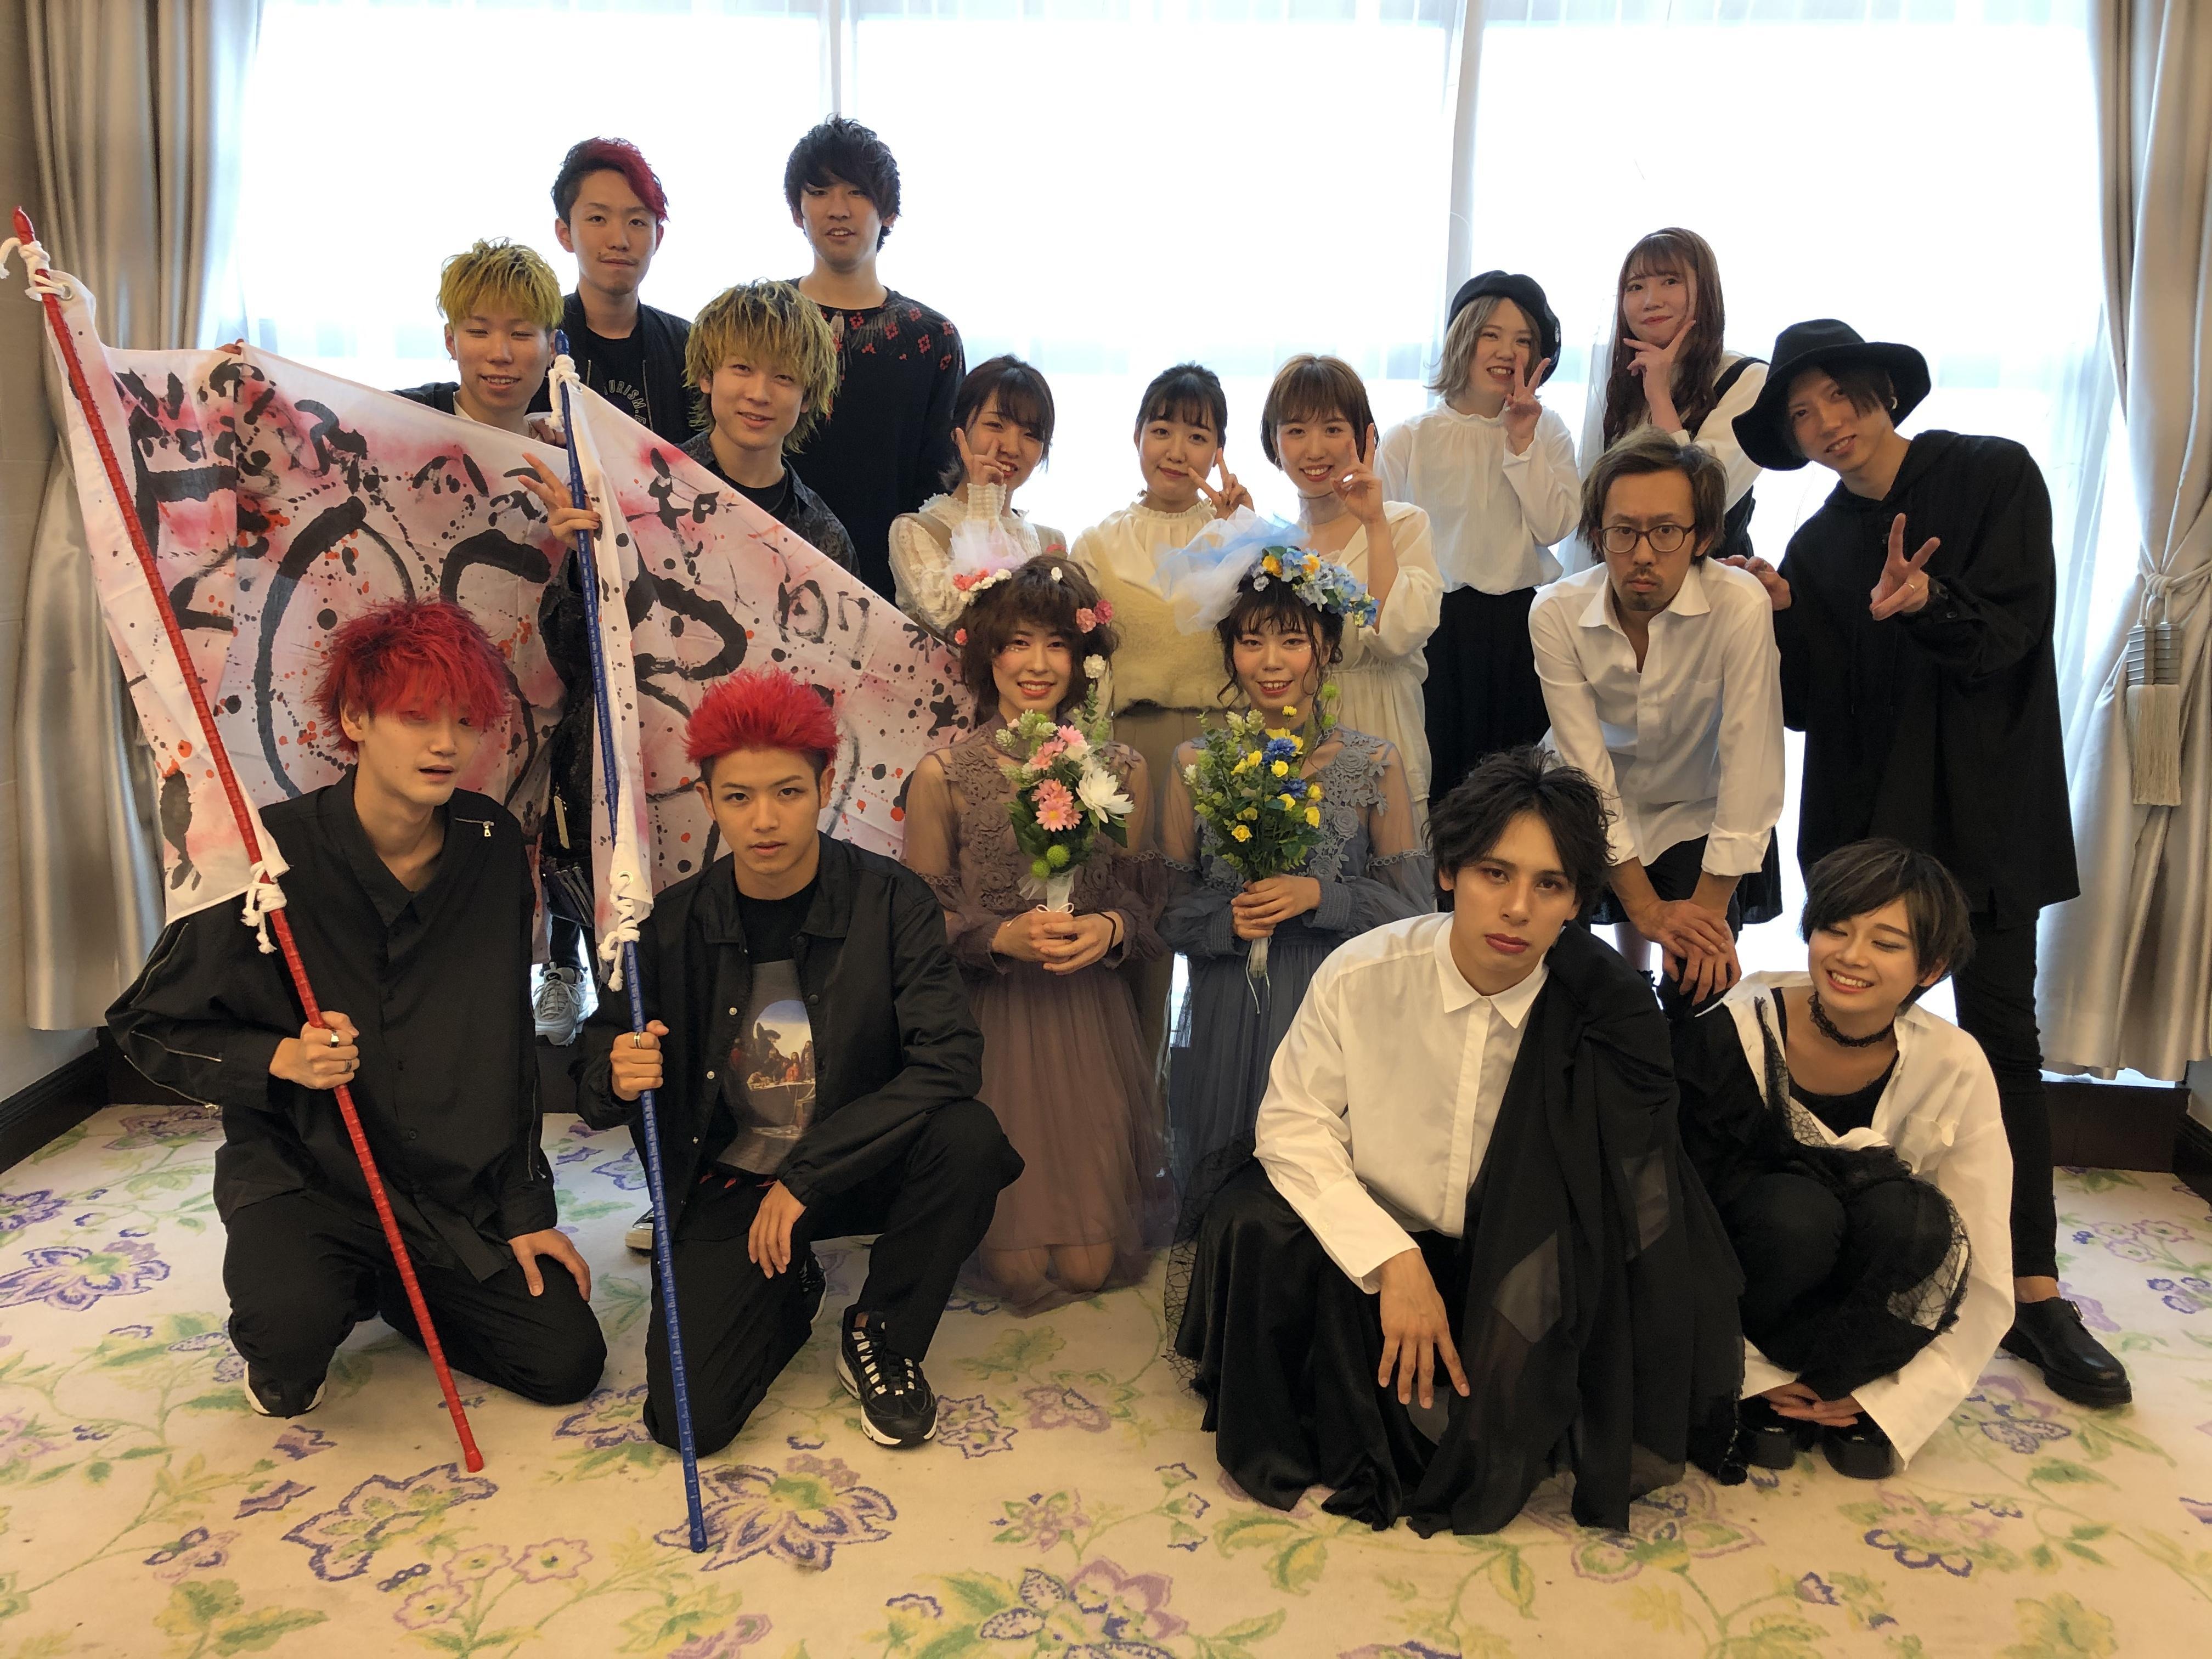 岐阜美容文化祭のヘアショーに参加